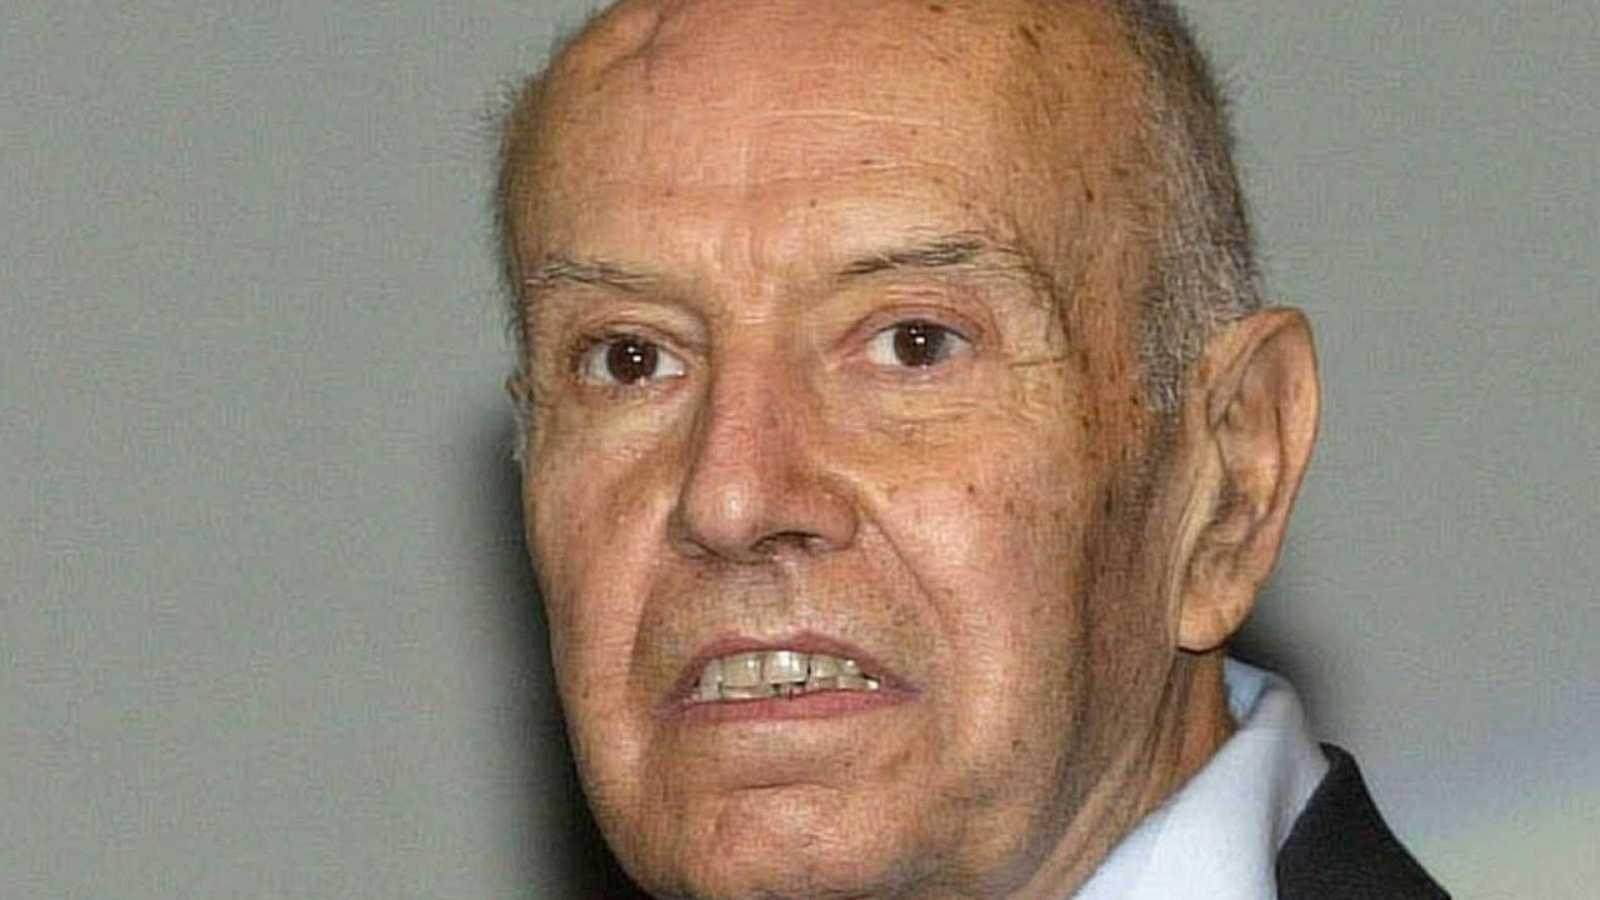 Hoy empieza todo con Marta Echeverría - Arturito Pomar, nuestro Gambito de dama - 23/12/20